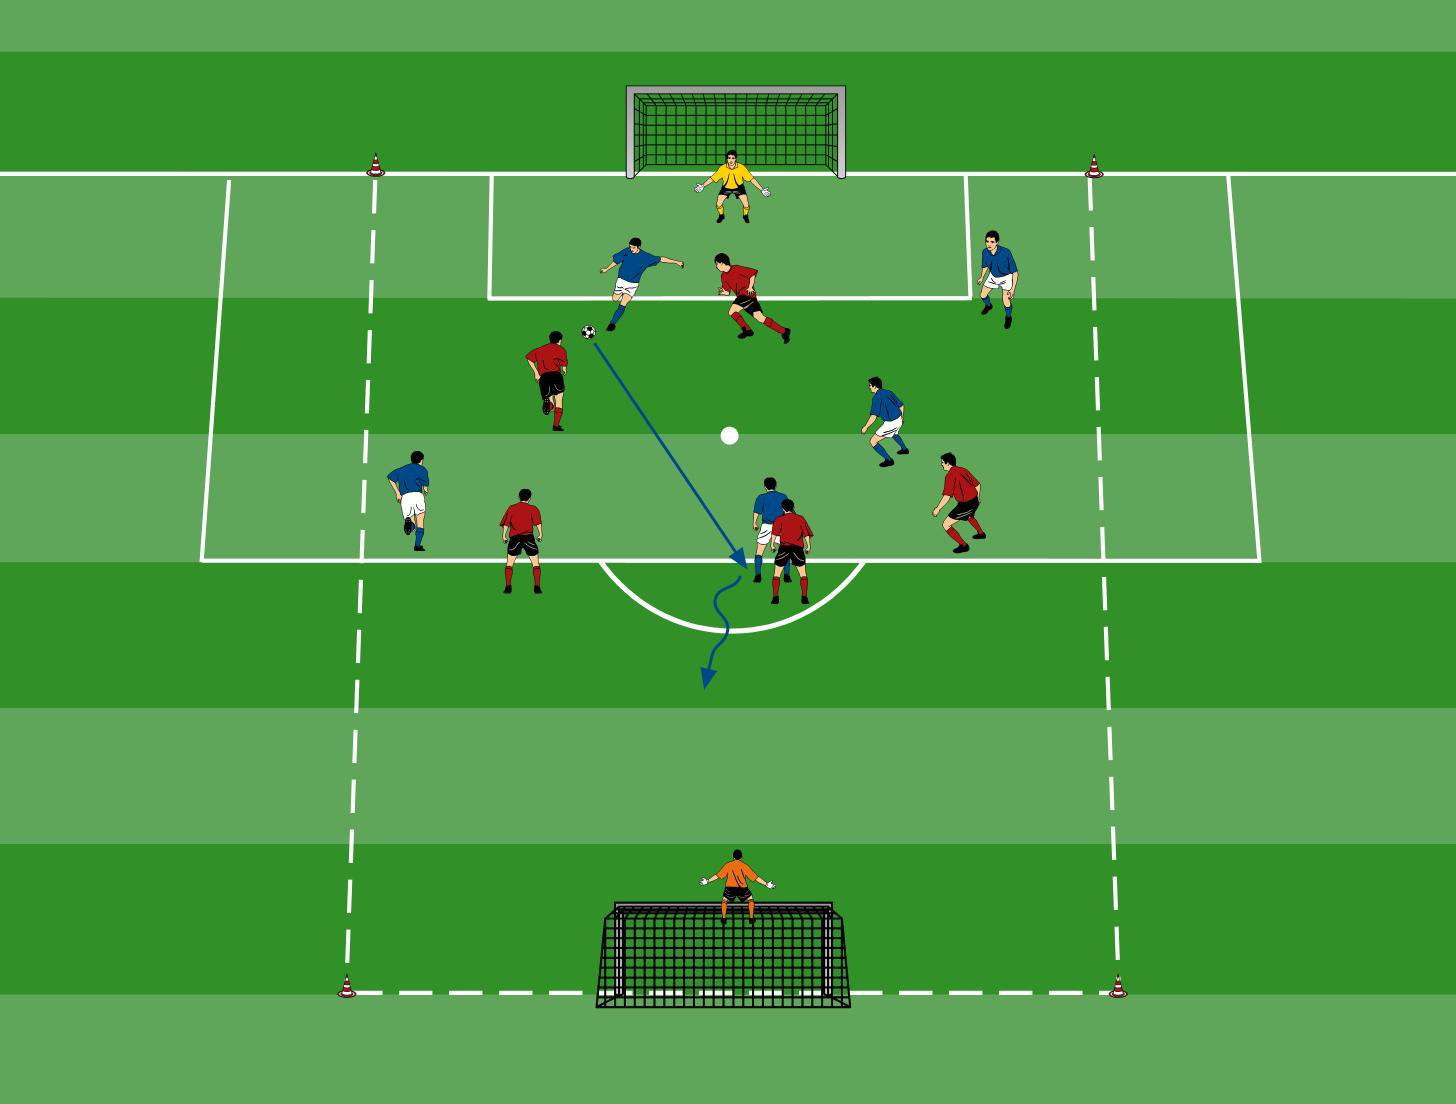 Schulung der Ballmitnahme in Spielform